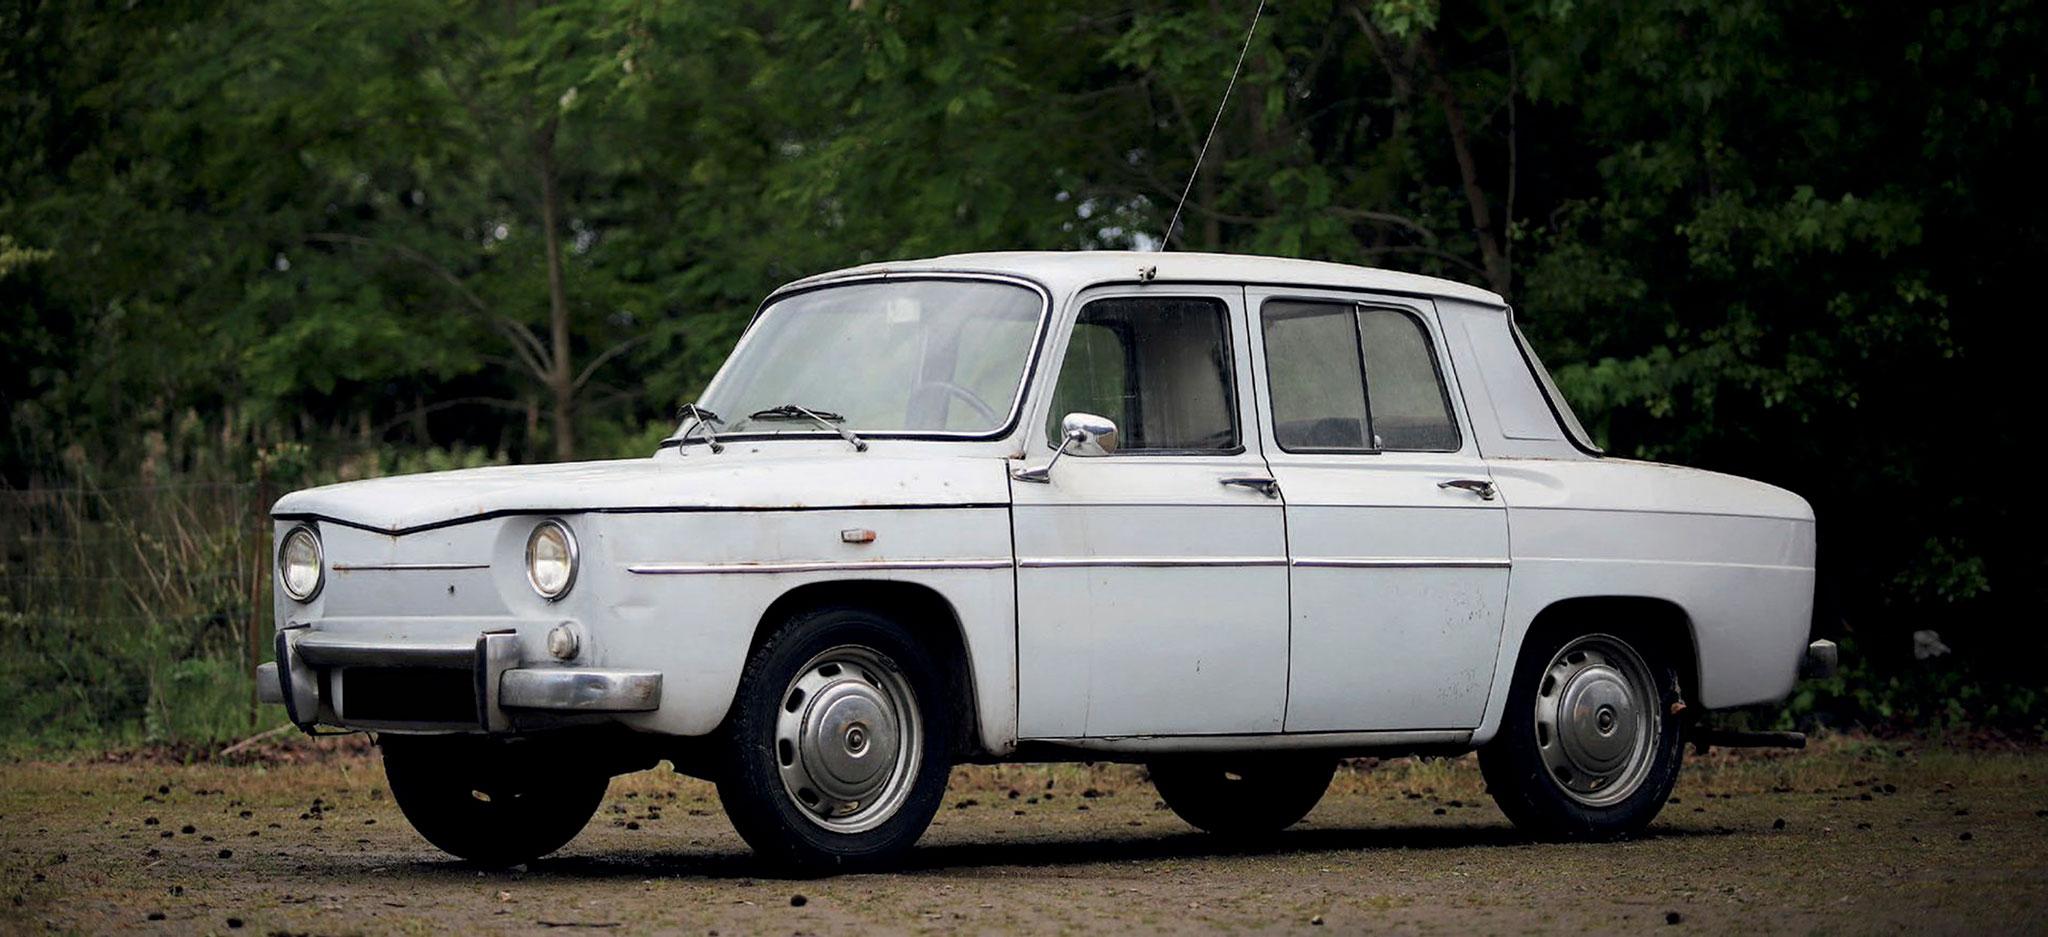 1964 Renault 8 1130 €1500 - 2500 - Populaires Françaises.